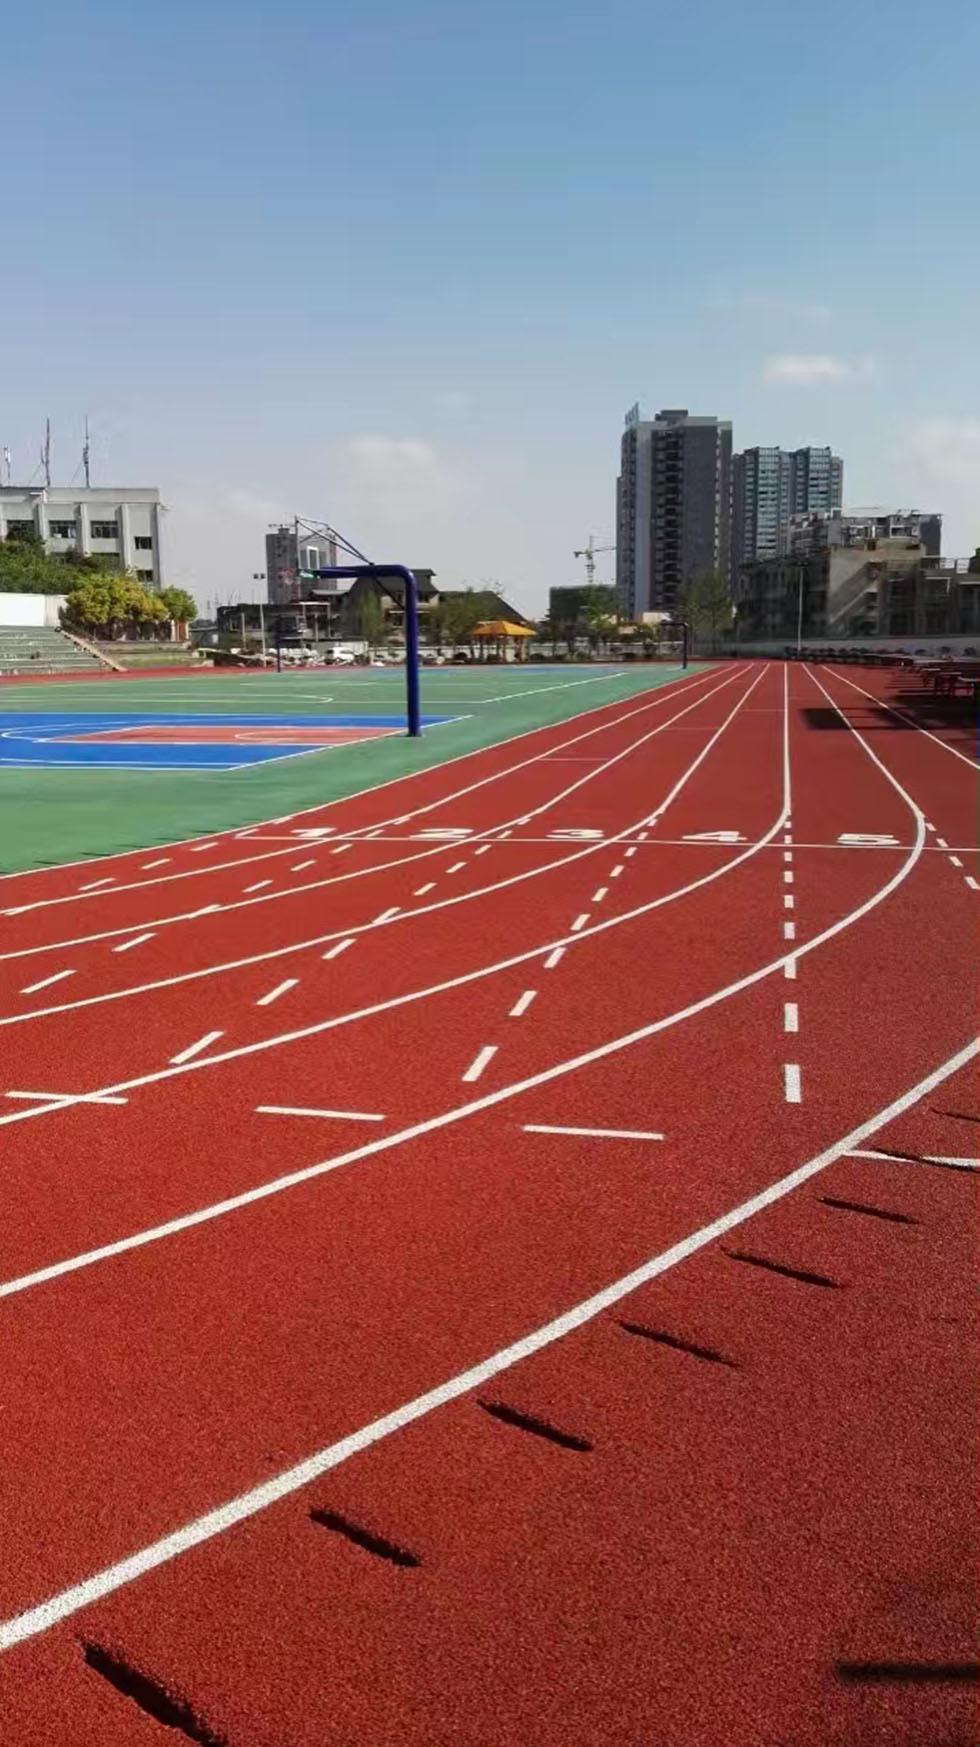 做篮球场用什么地坪材料 各种篮球场材料对比